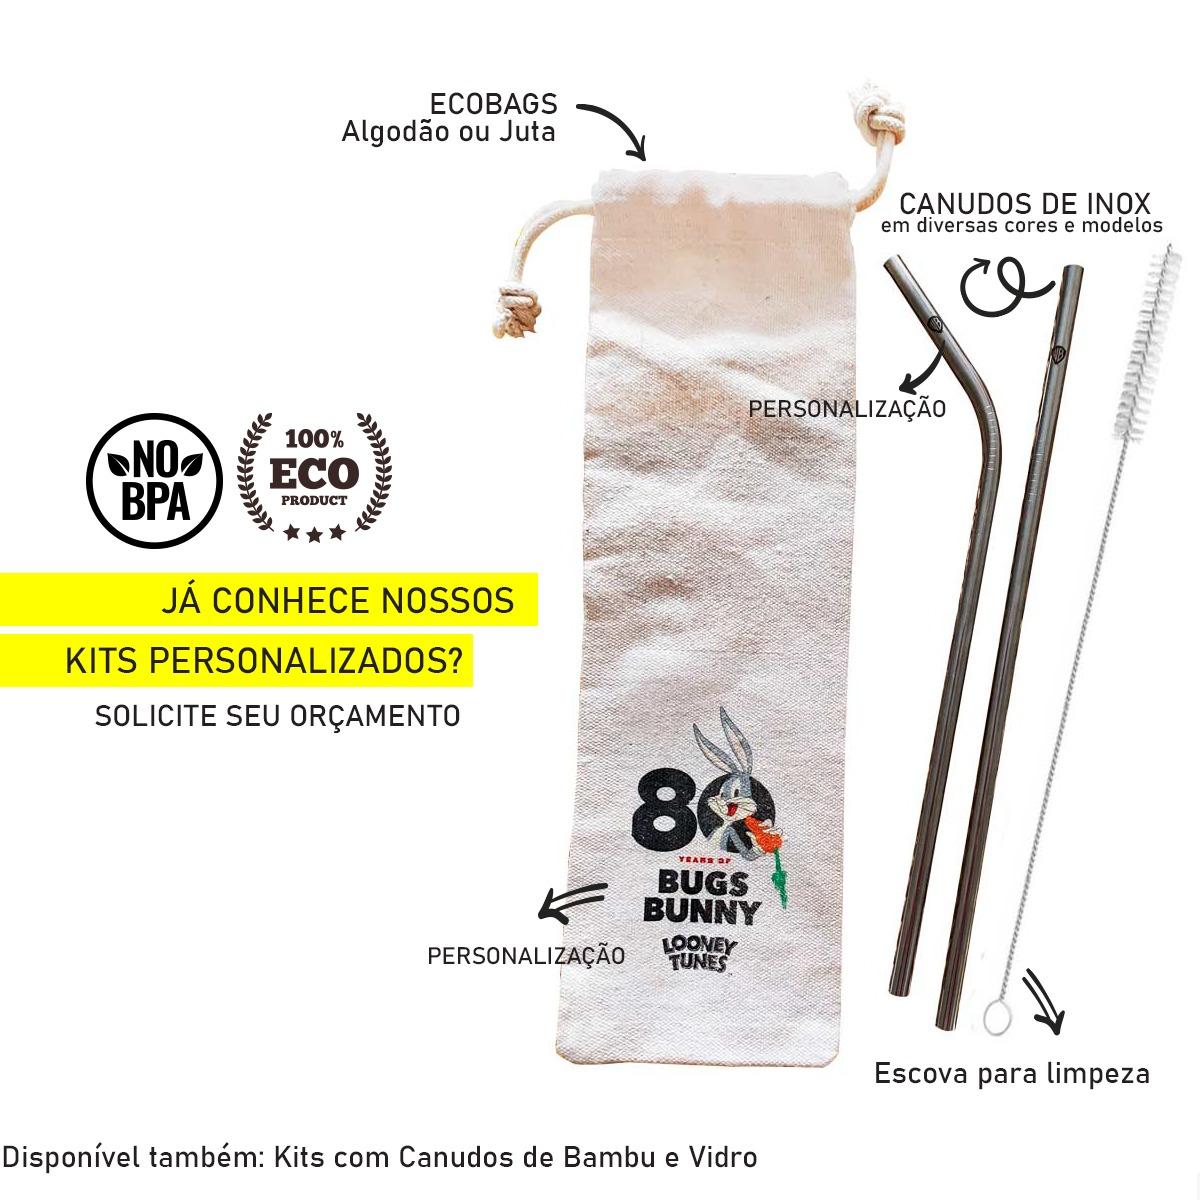 Canudo de Inox Reto + Escova + Ecobag